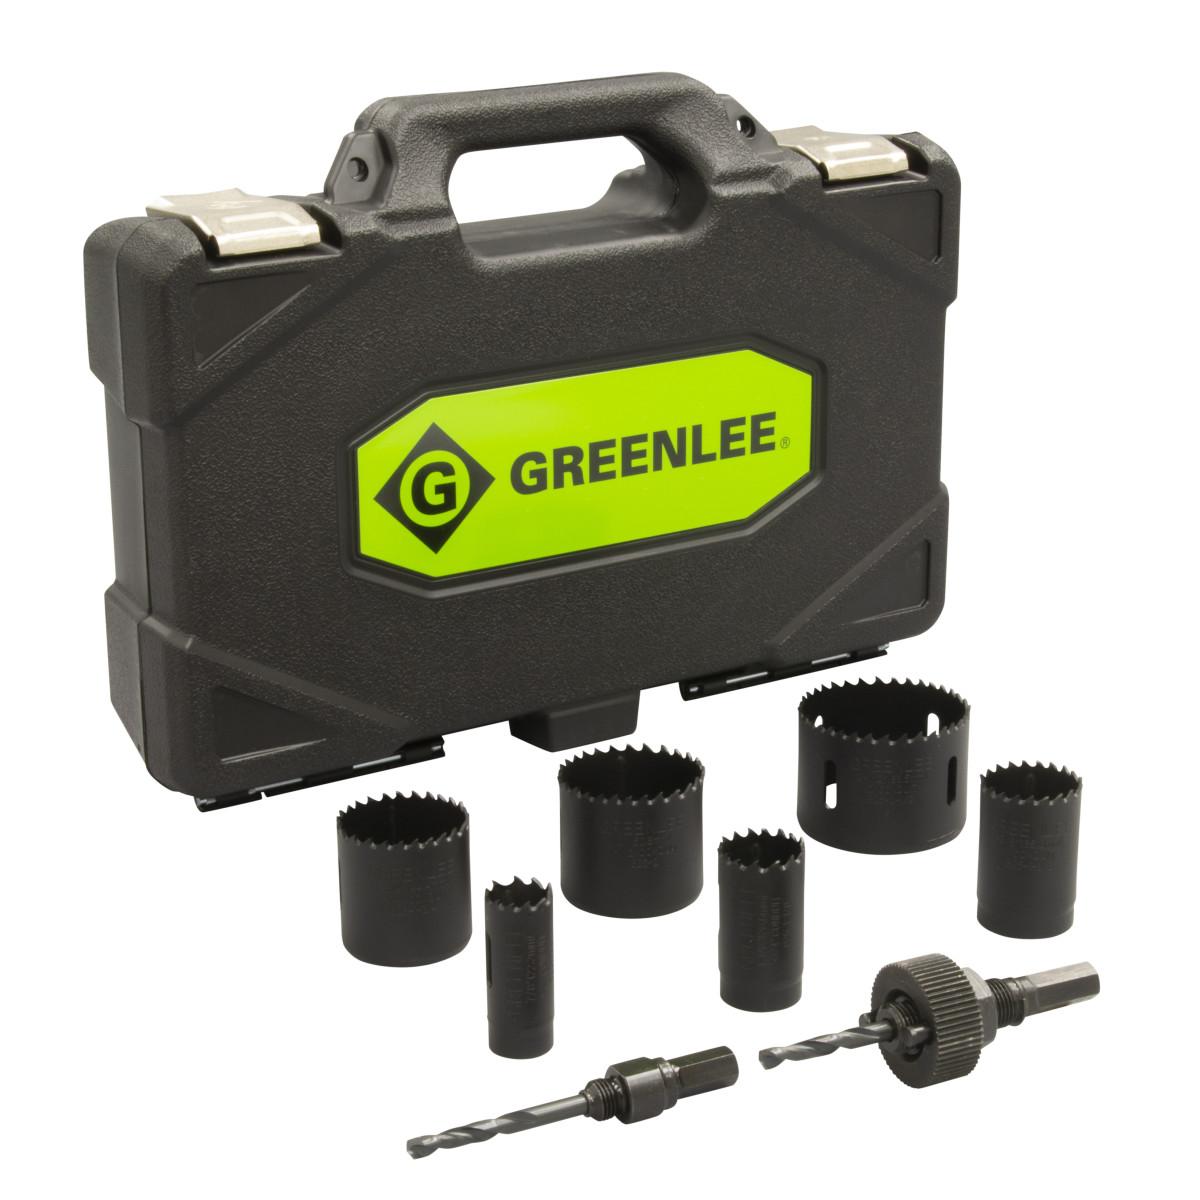 Greenlee®830